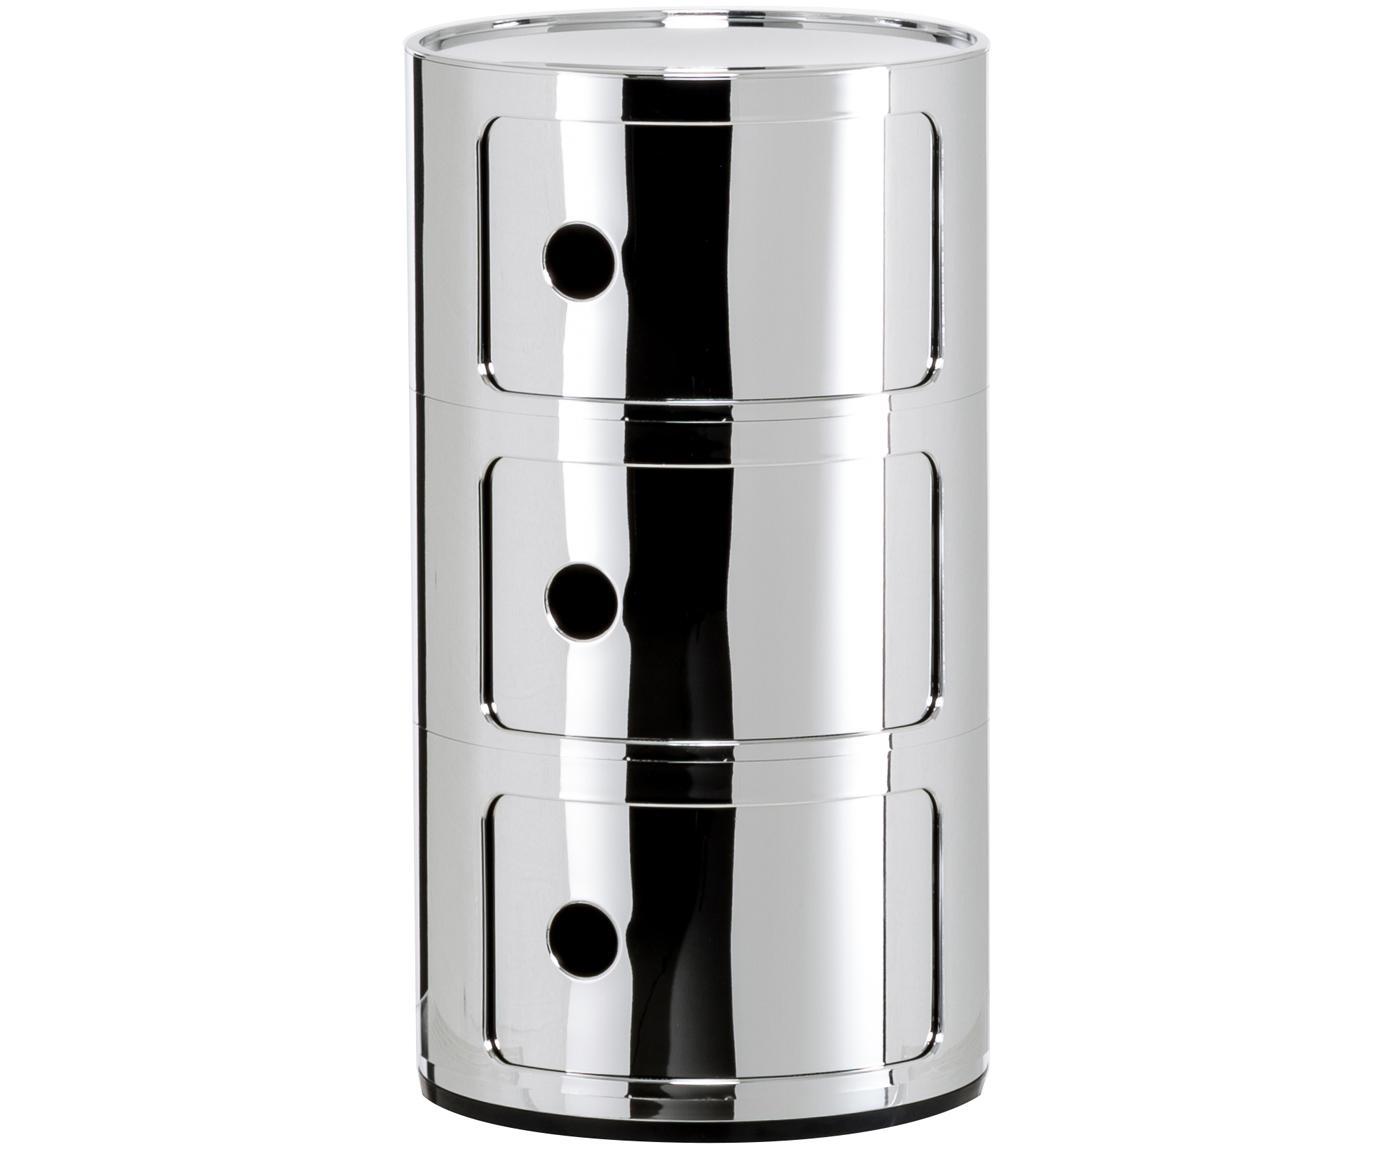 Design Container Componibile, Kunststoff, metallicbeschichtet, Chrom, Ø 32 x H 59 cm